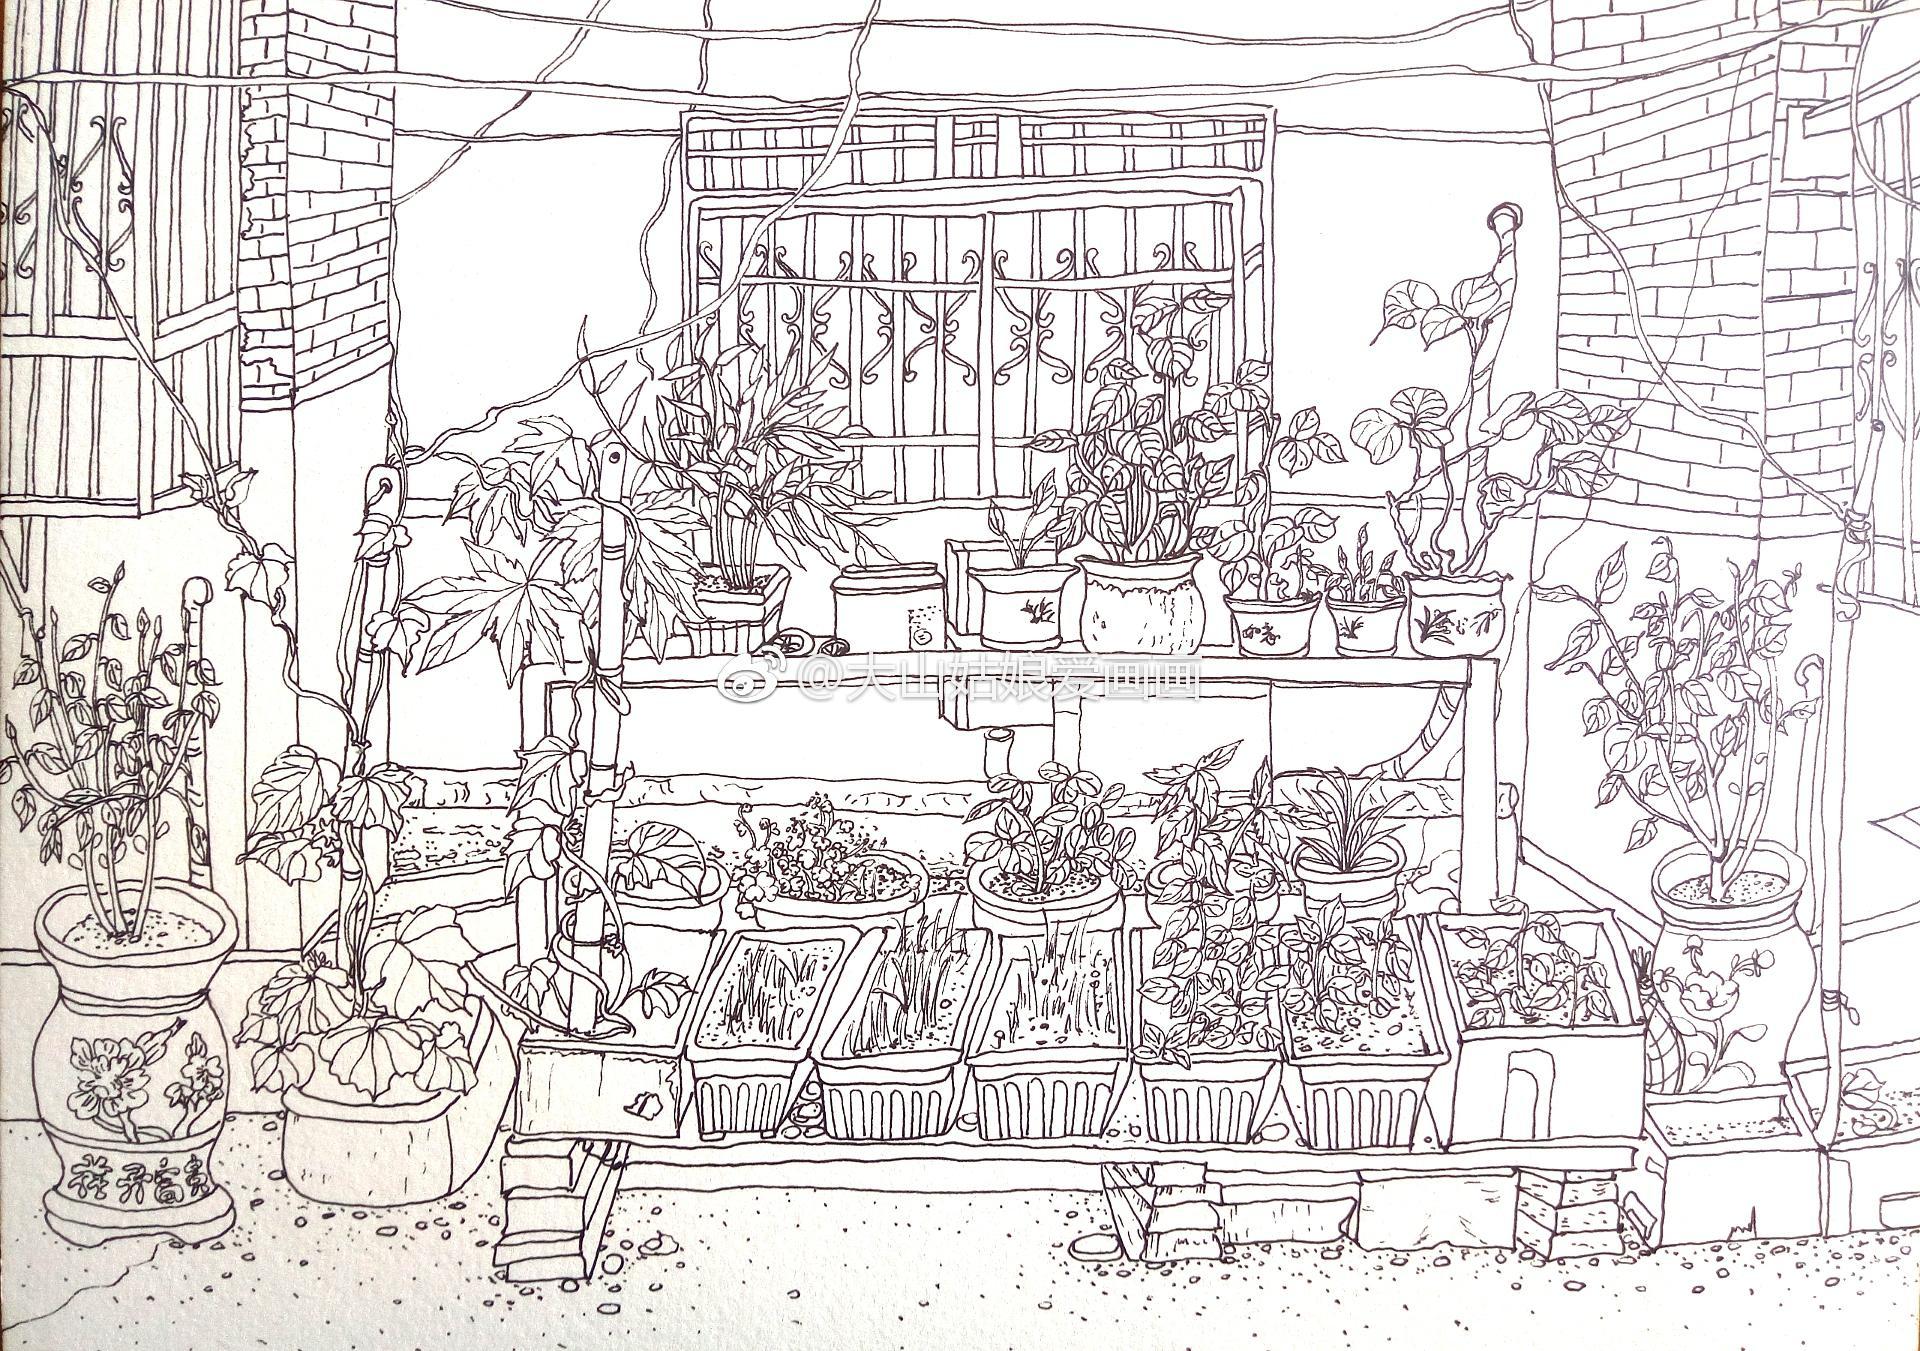 水彩速写 老房子楼下的菜园 投稿 大山姑娘爱画画